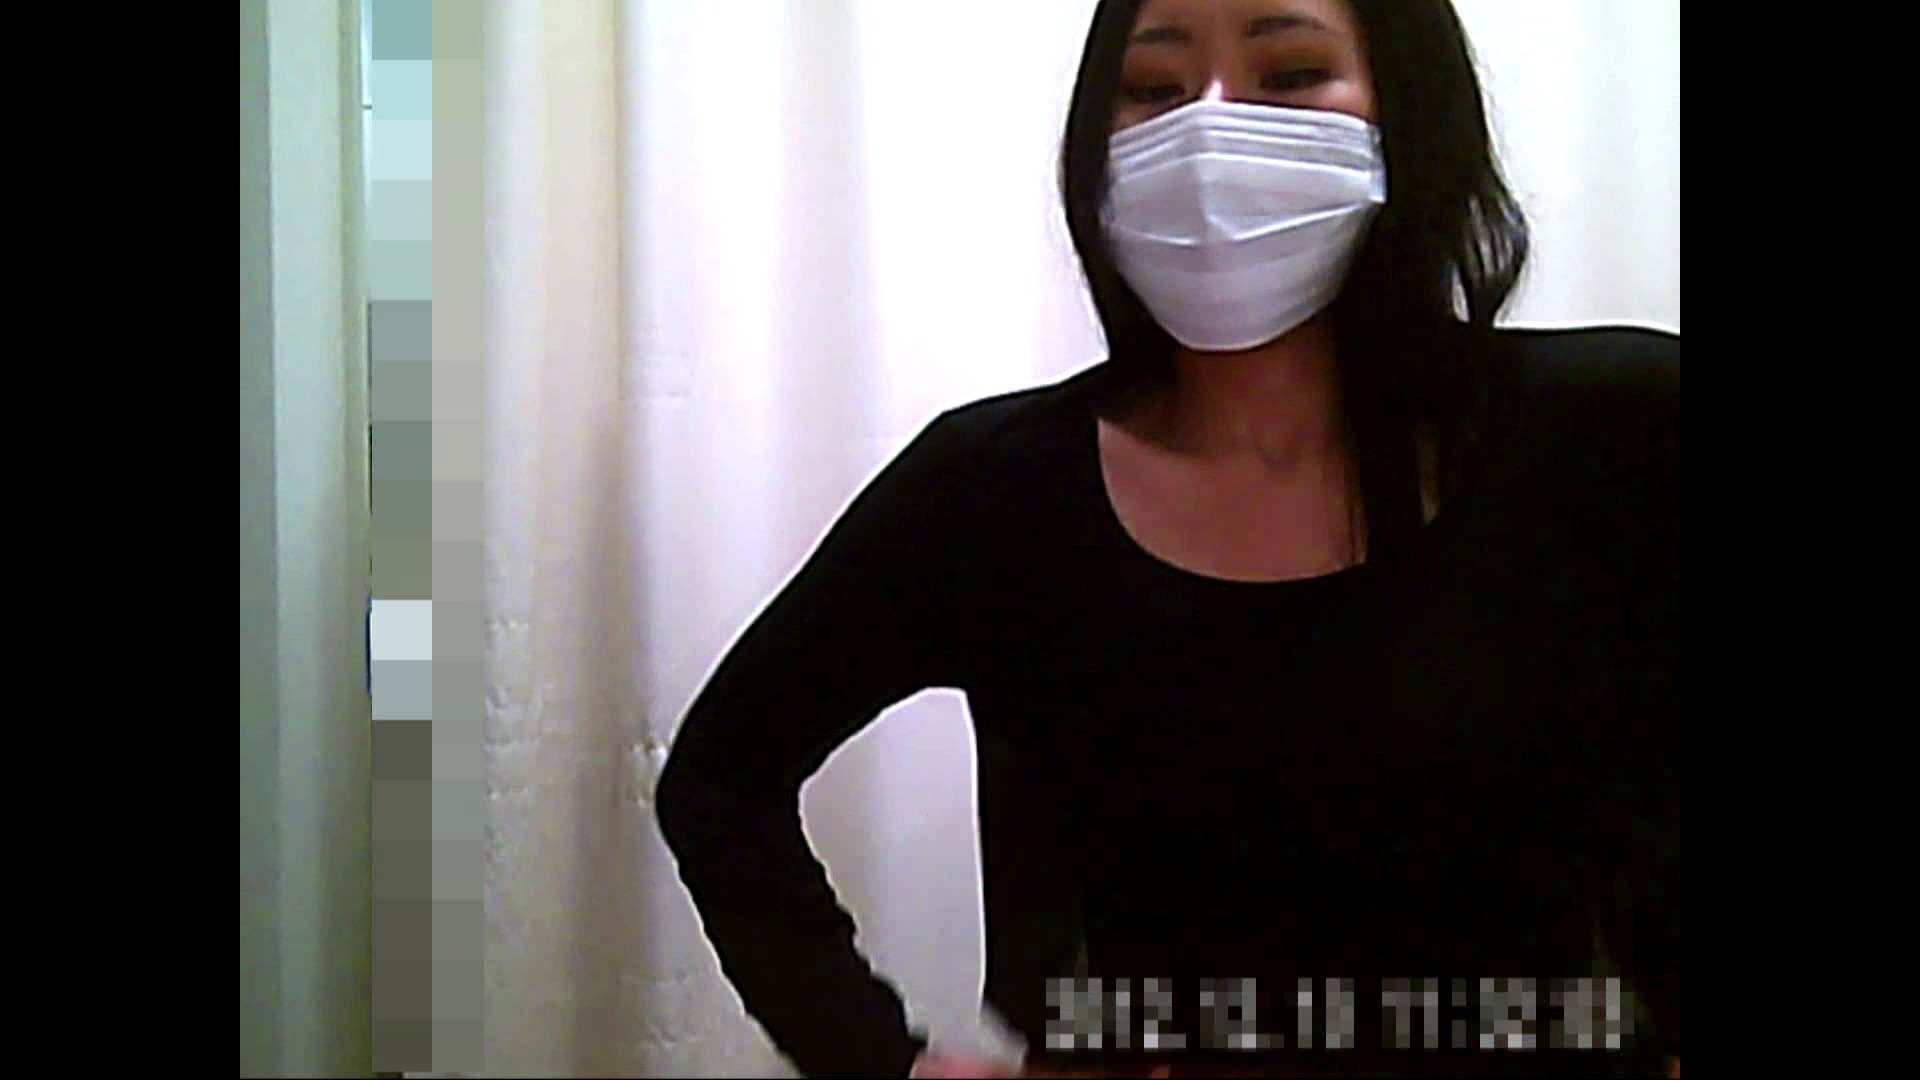 病院おもいっきり着替え! vol.172 貧乳 盗み撮り動画キャプチャ 108画像 69